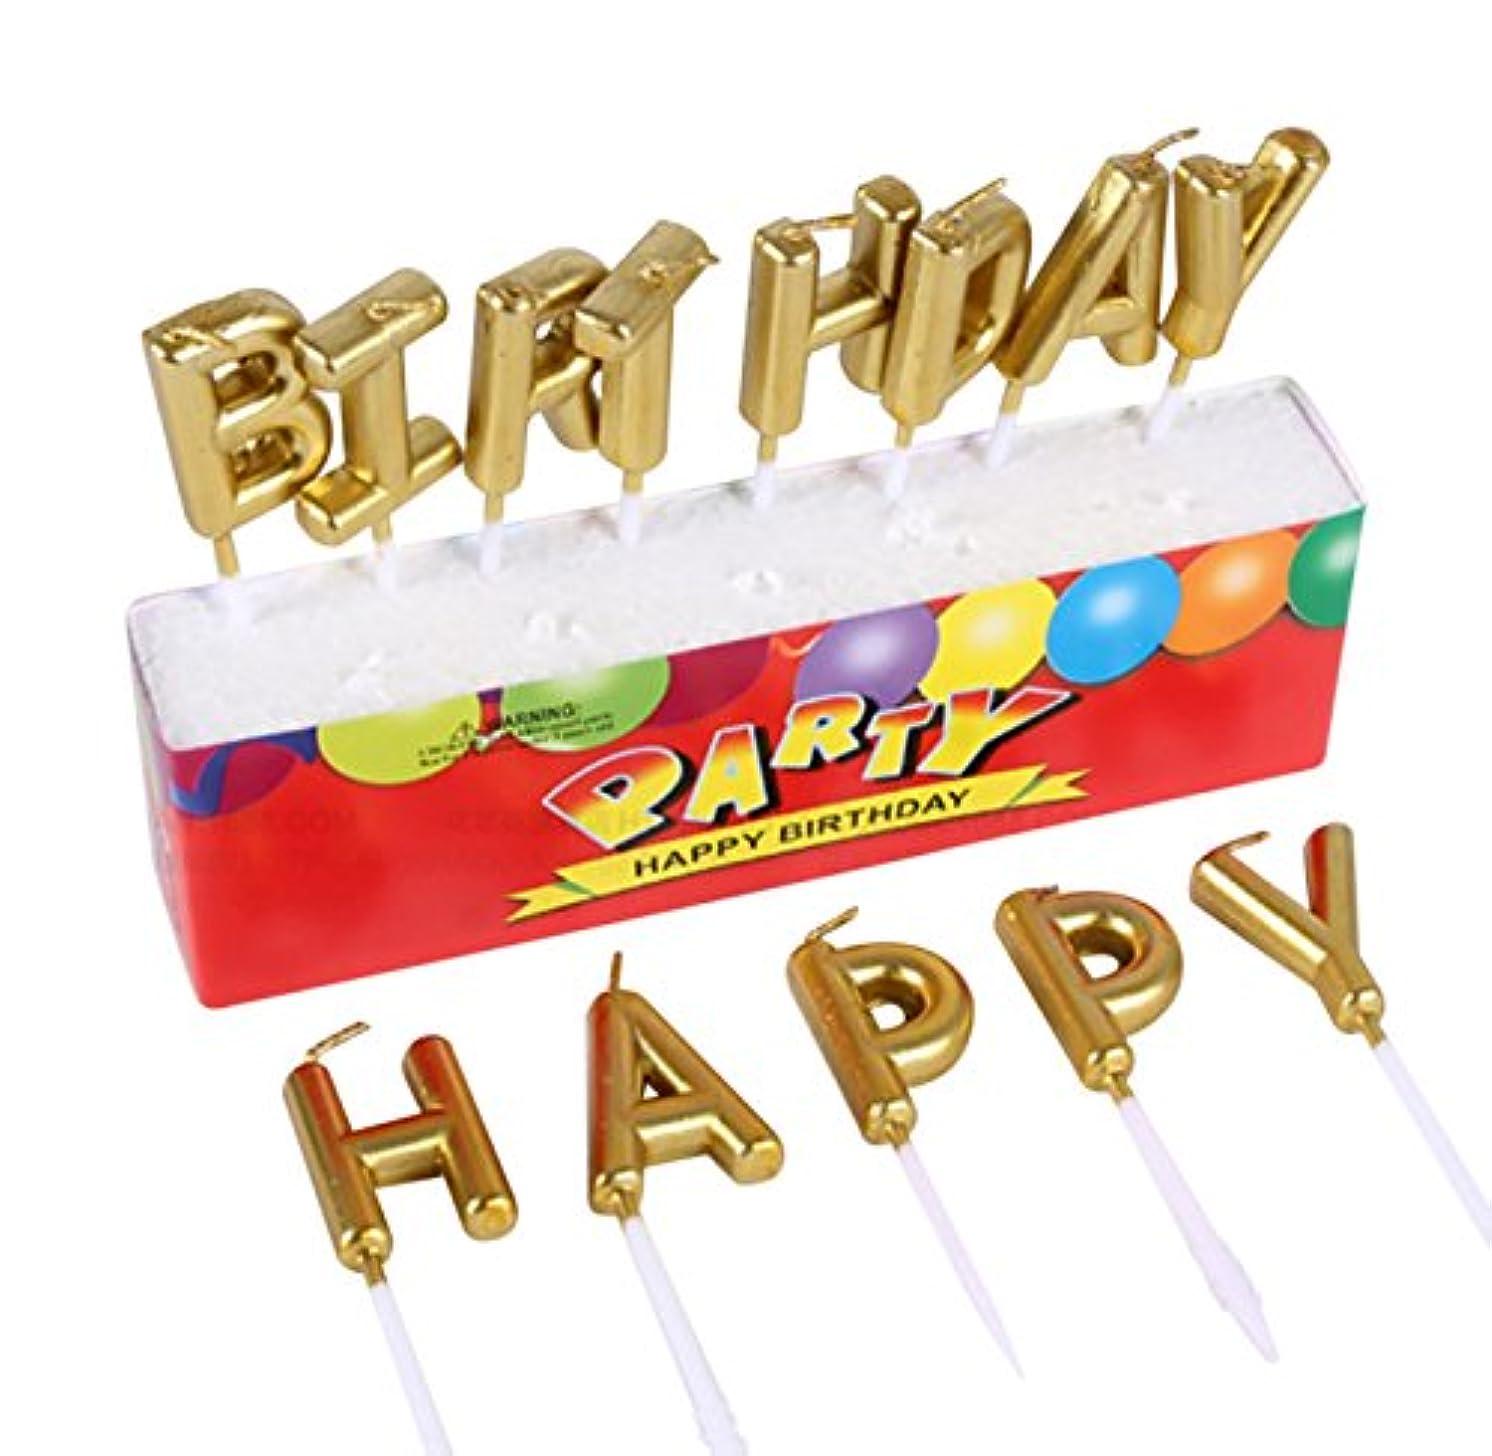 指定する最終的にを通してBirthday キャンドル 金色 お誕生日 ハッピー バースデー